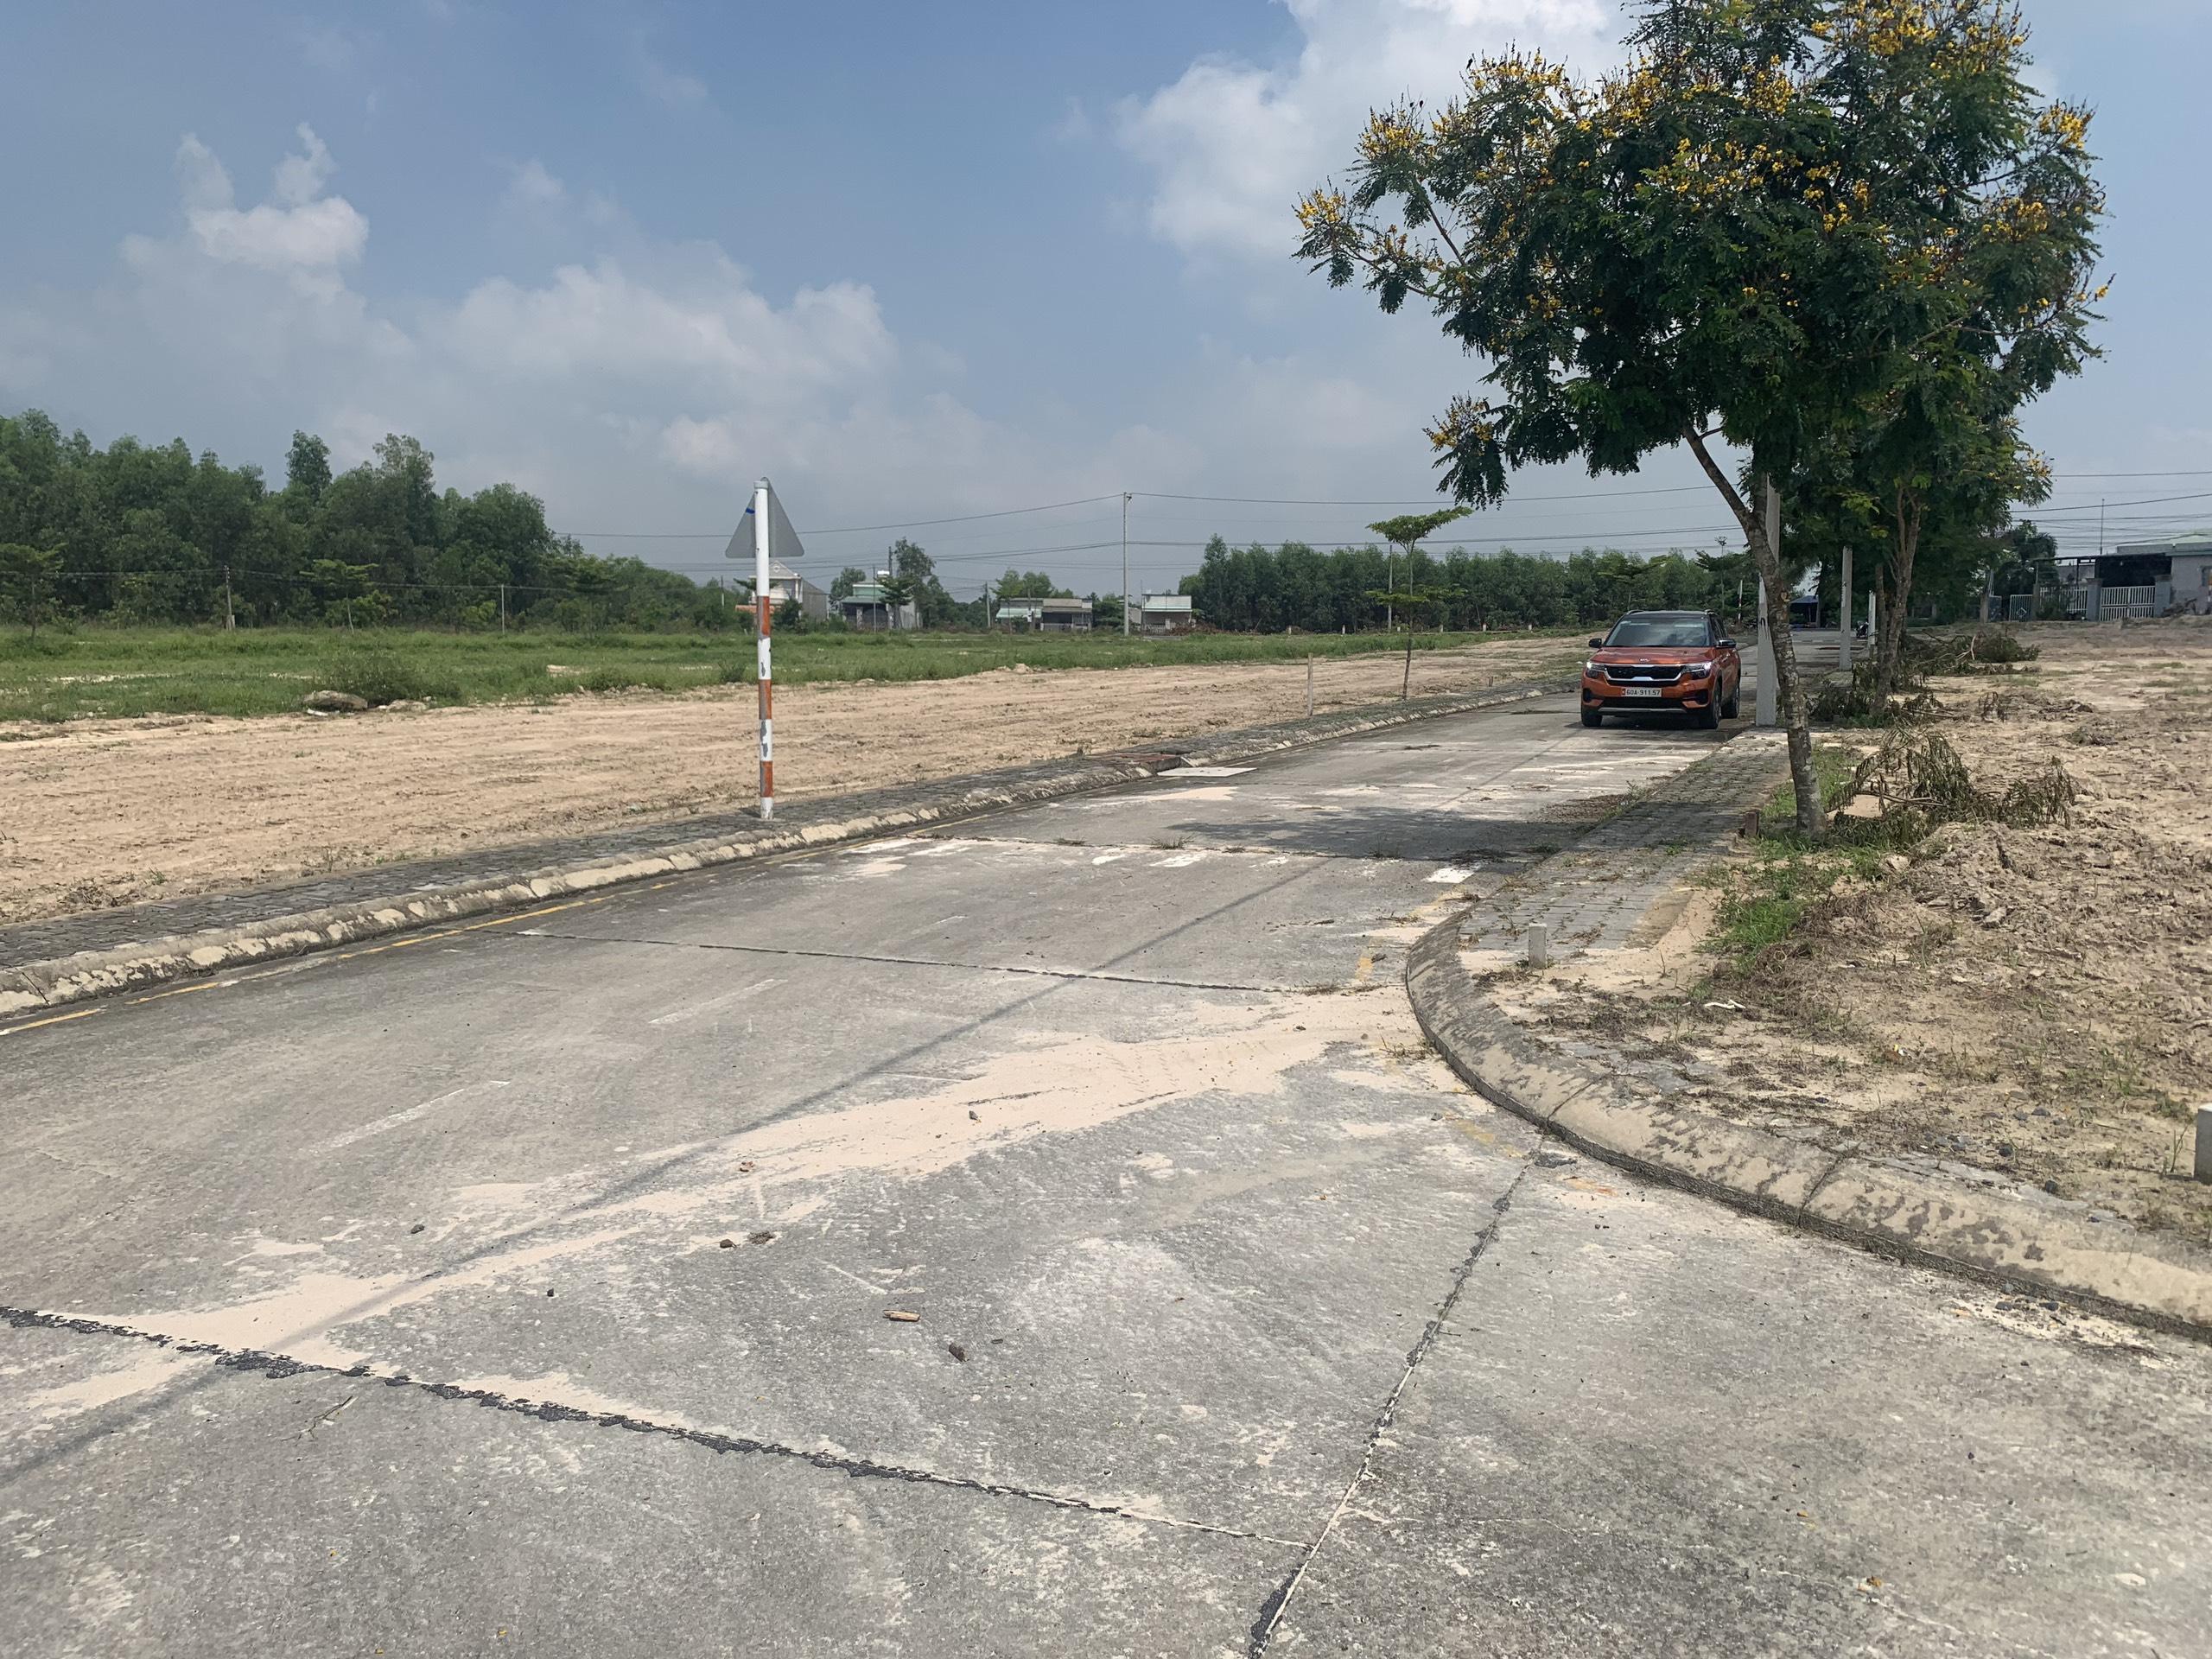 Tiến độ xây dựng khu dân cư Long Thành Riverside Đồng Nai